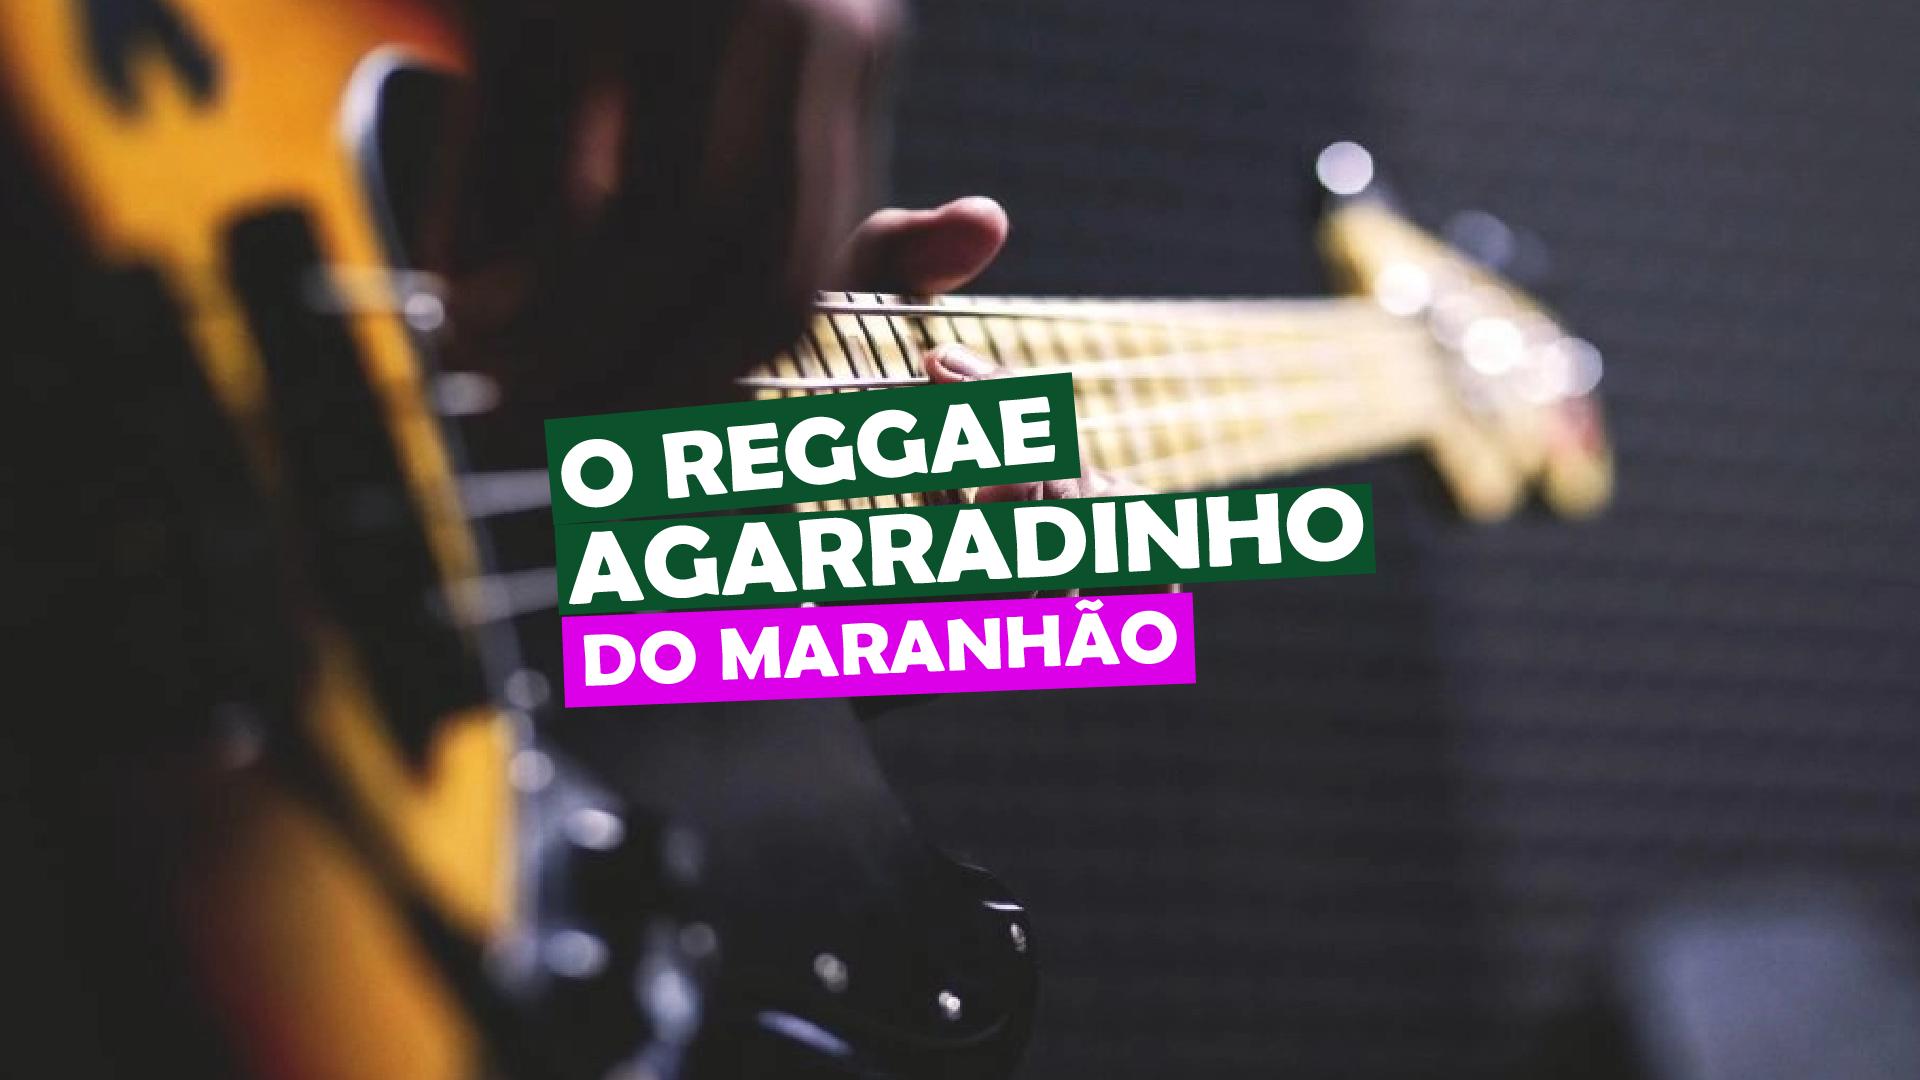 You are currently viewing O Reggae agarradinho do Maranhão